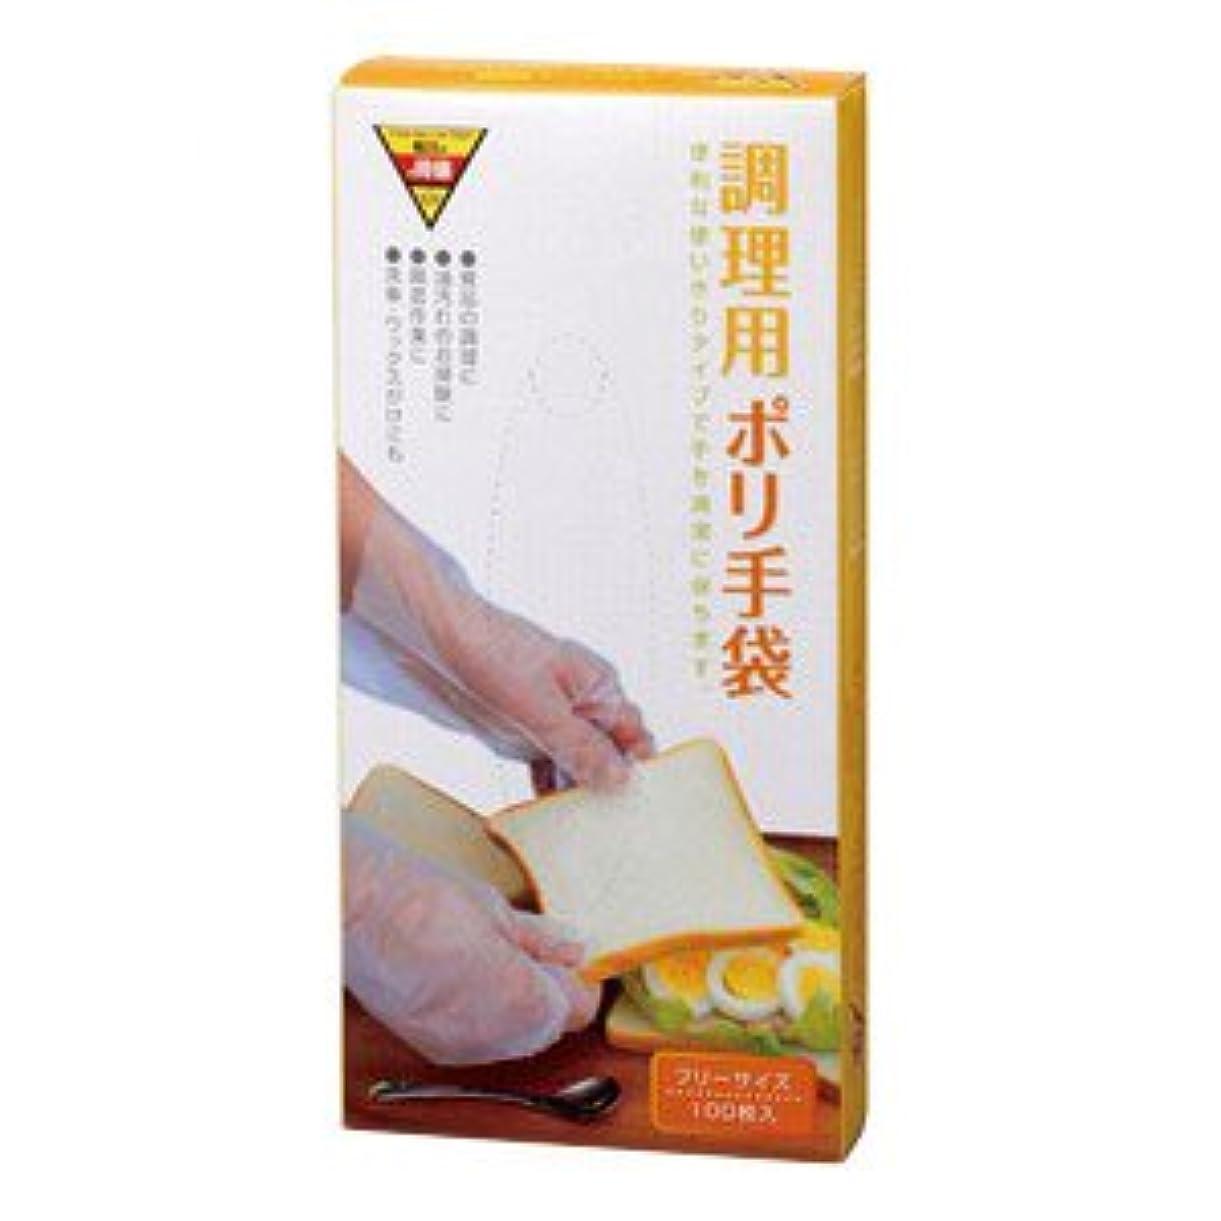 普及測る蘇生するコーナンオリジナル 調理用ポリ手袋 100枚入 KHD05-7123